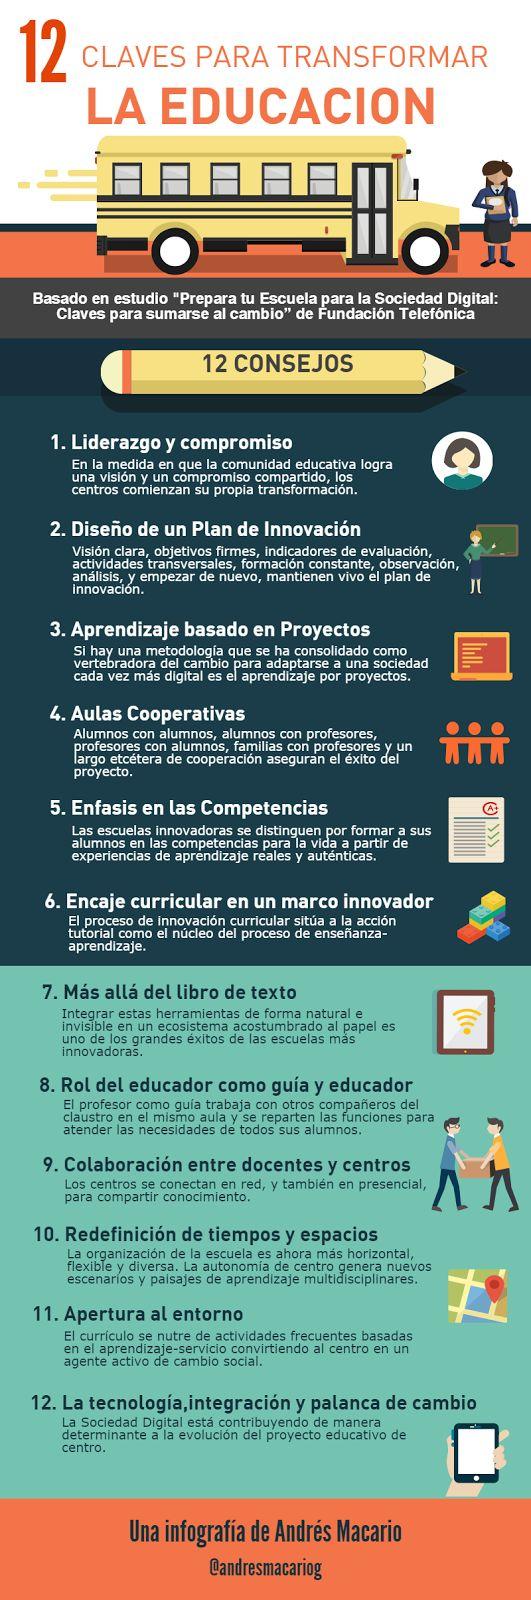 12 claves para transformar la educacion-Infografia Andres Macario